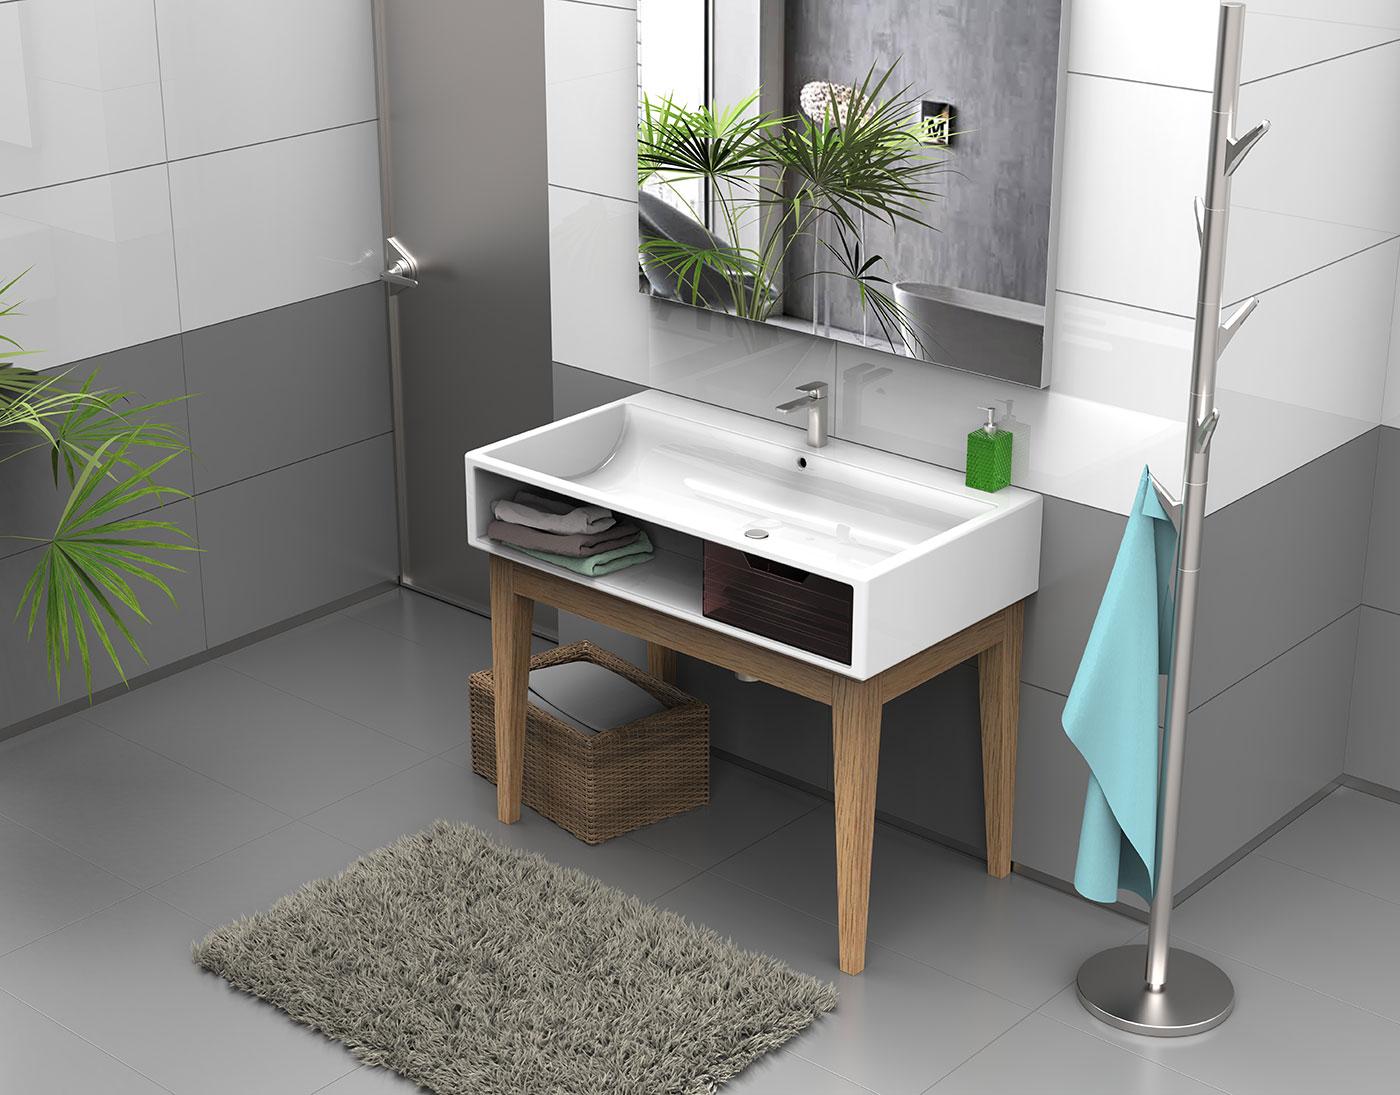 Koupelna umyvadlo zavěsit